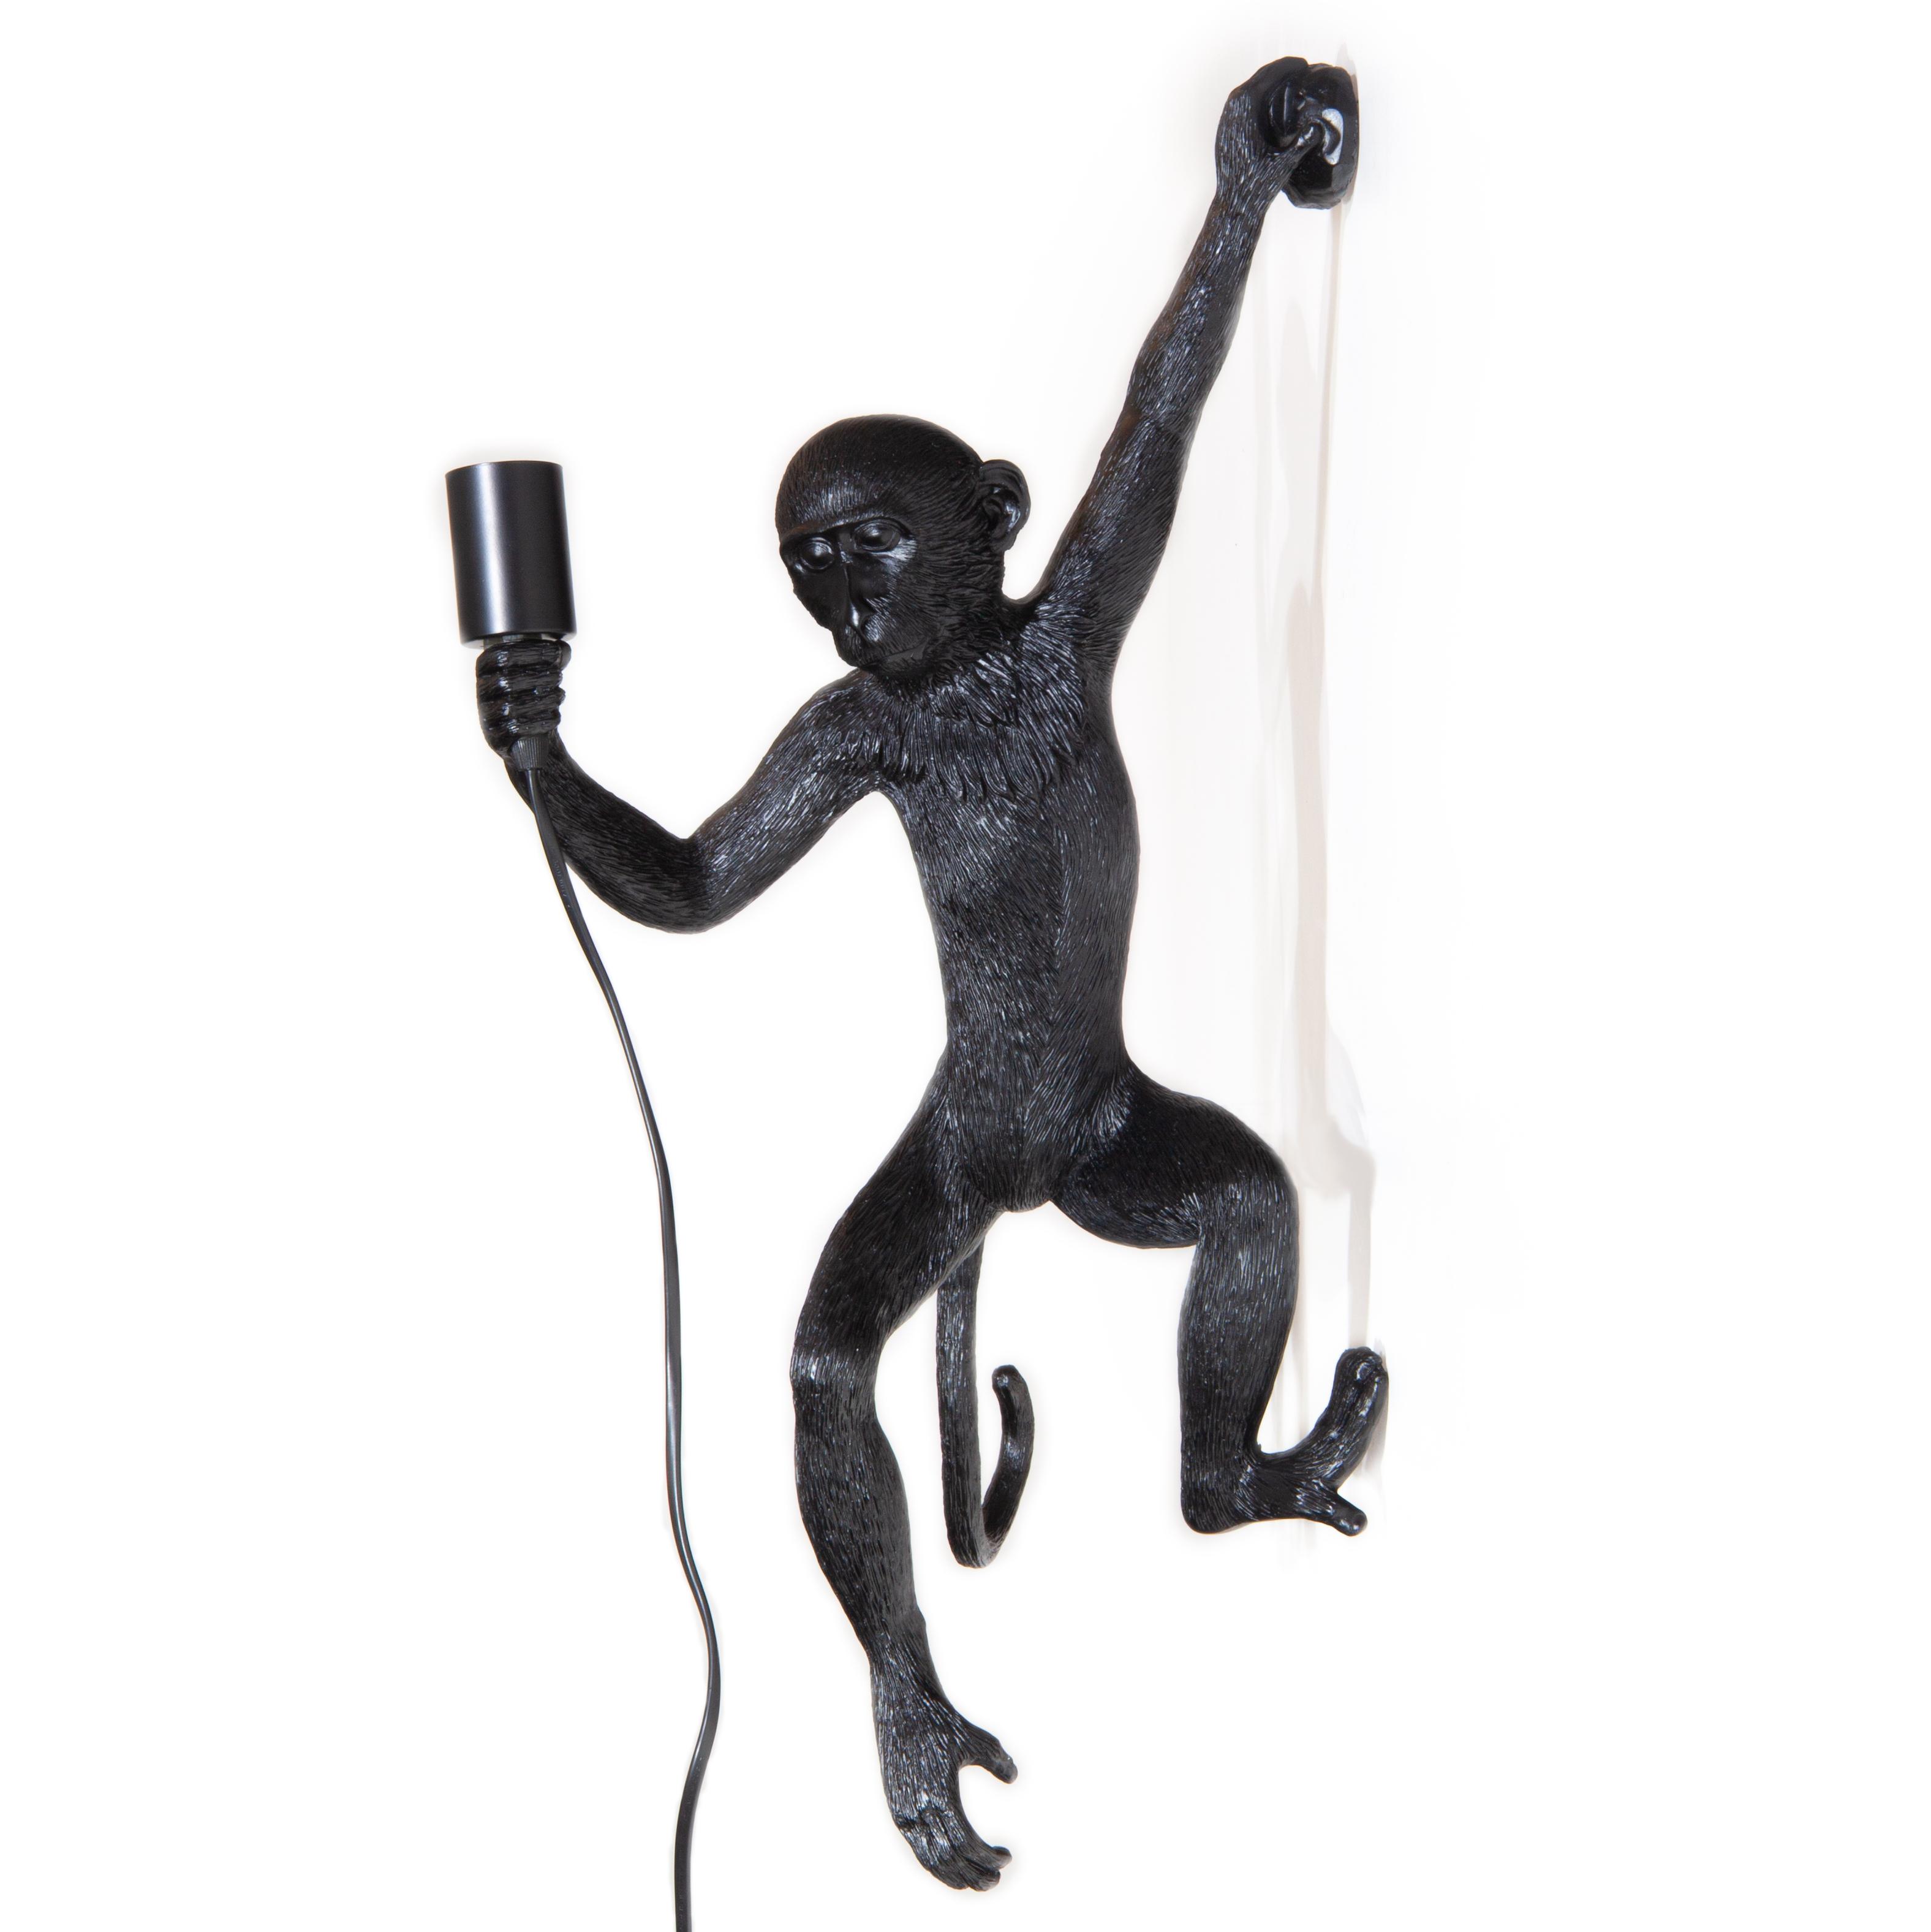 Wandlamp Aap - Zwart - LiL Design